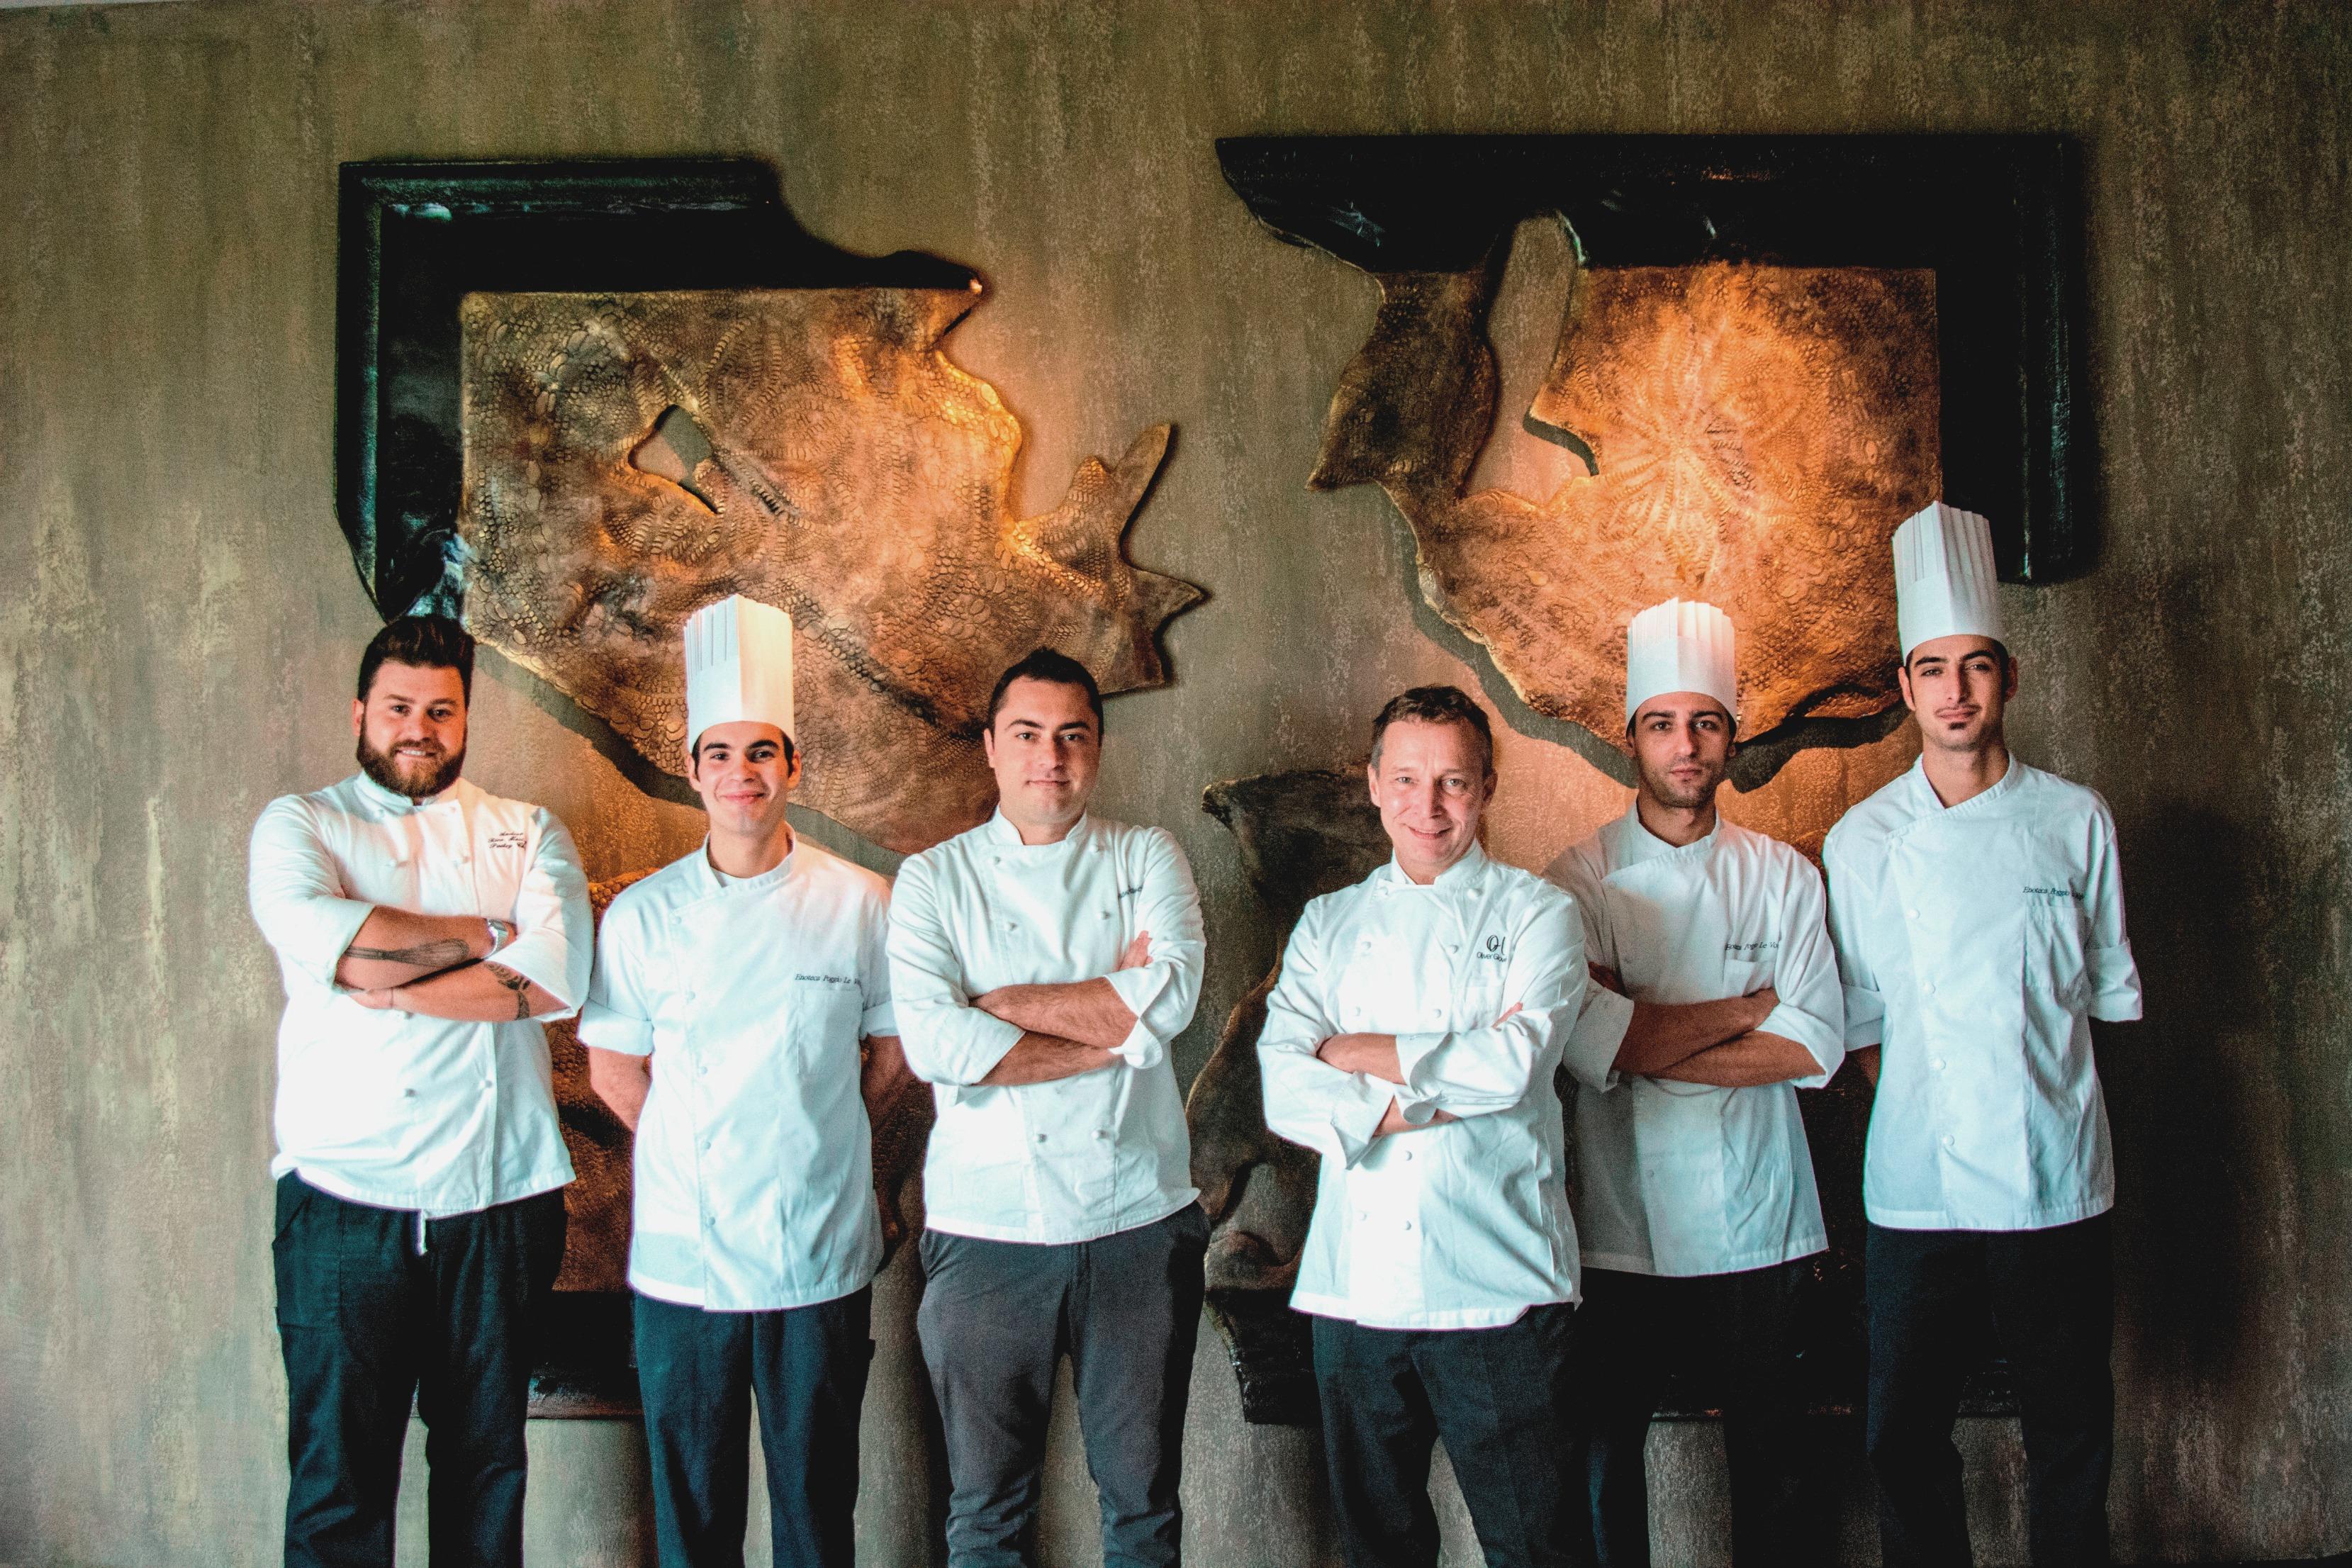 Epos Wine&Food e Barrique i due volti gourmet di Poggio le Volpi